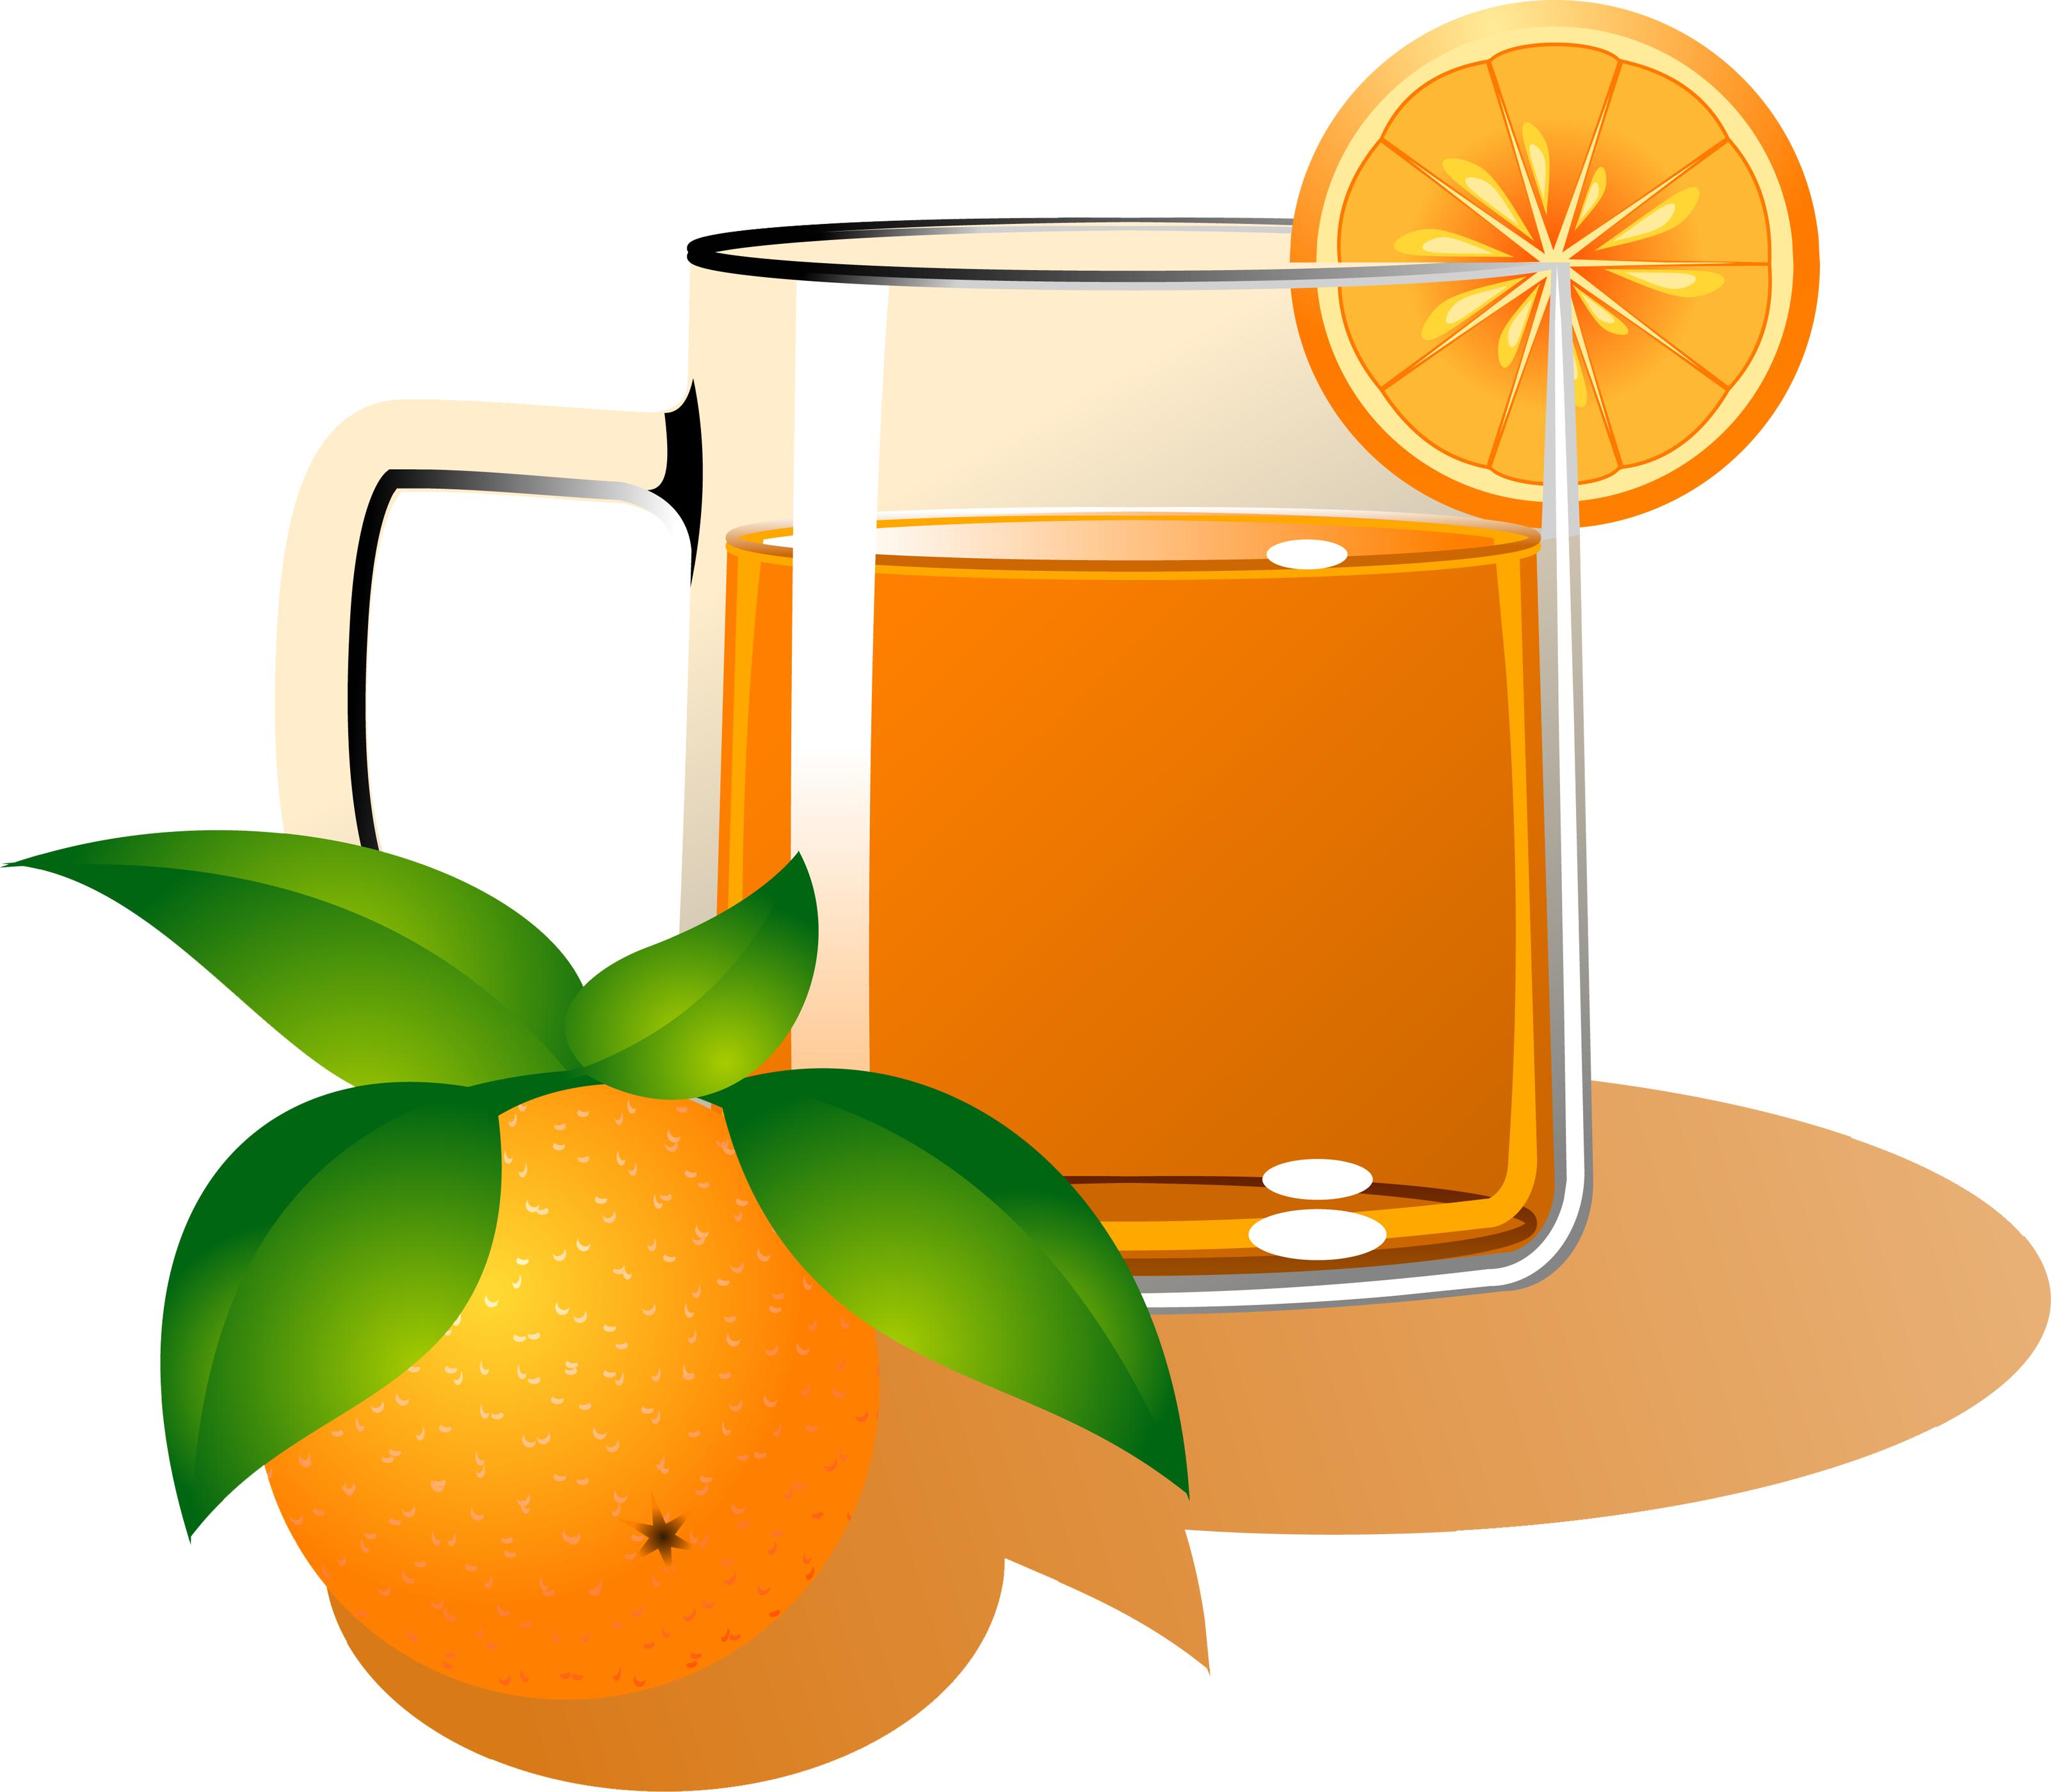 Apple Juice Carton - ClipArt Best